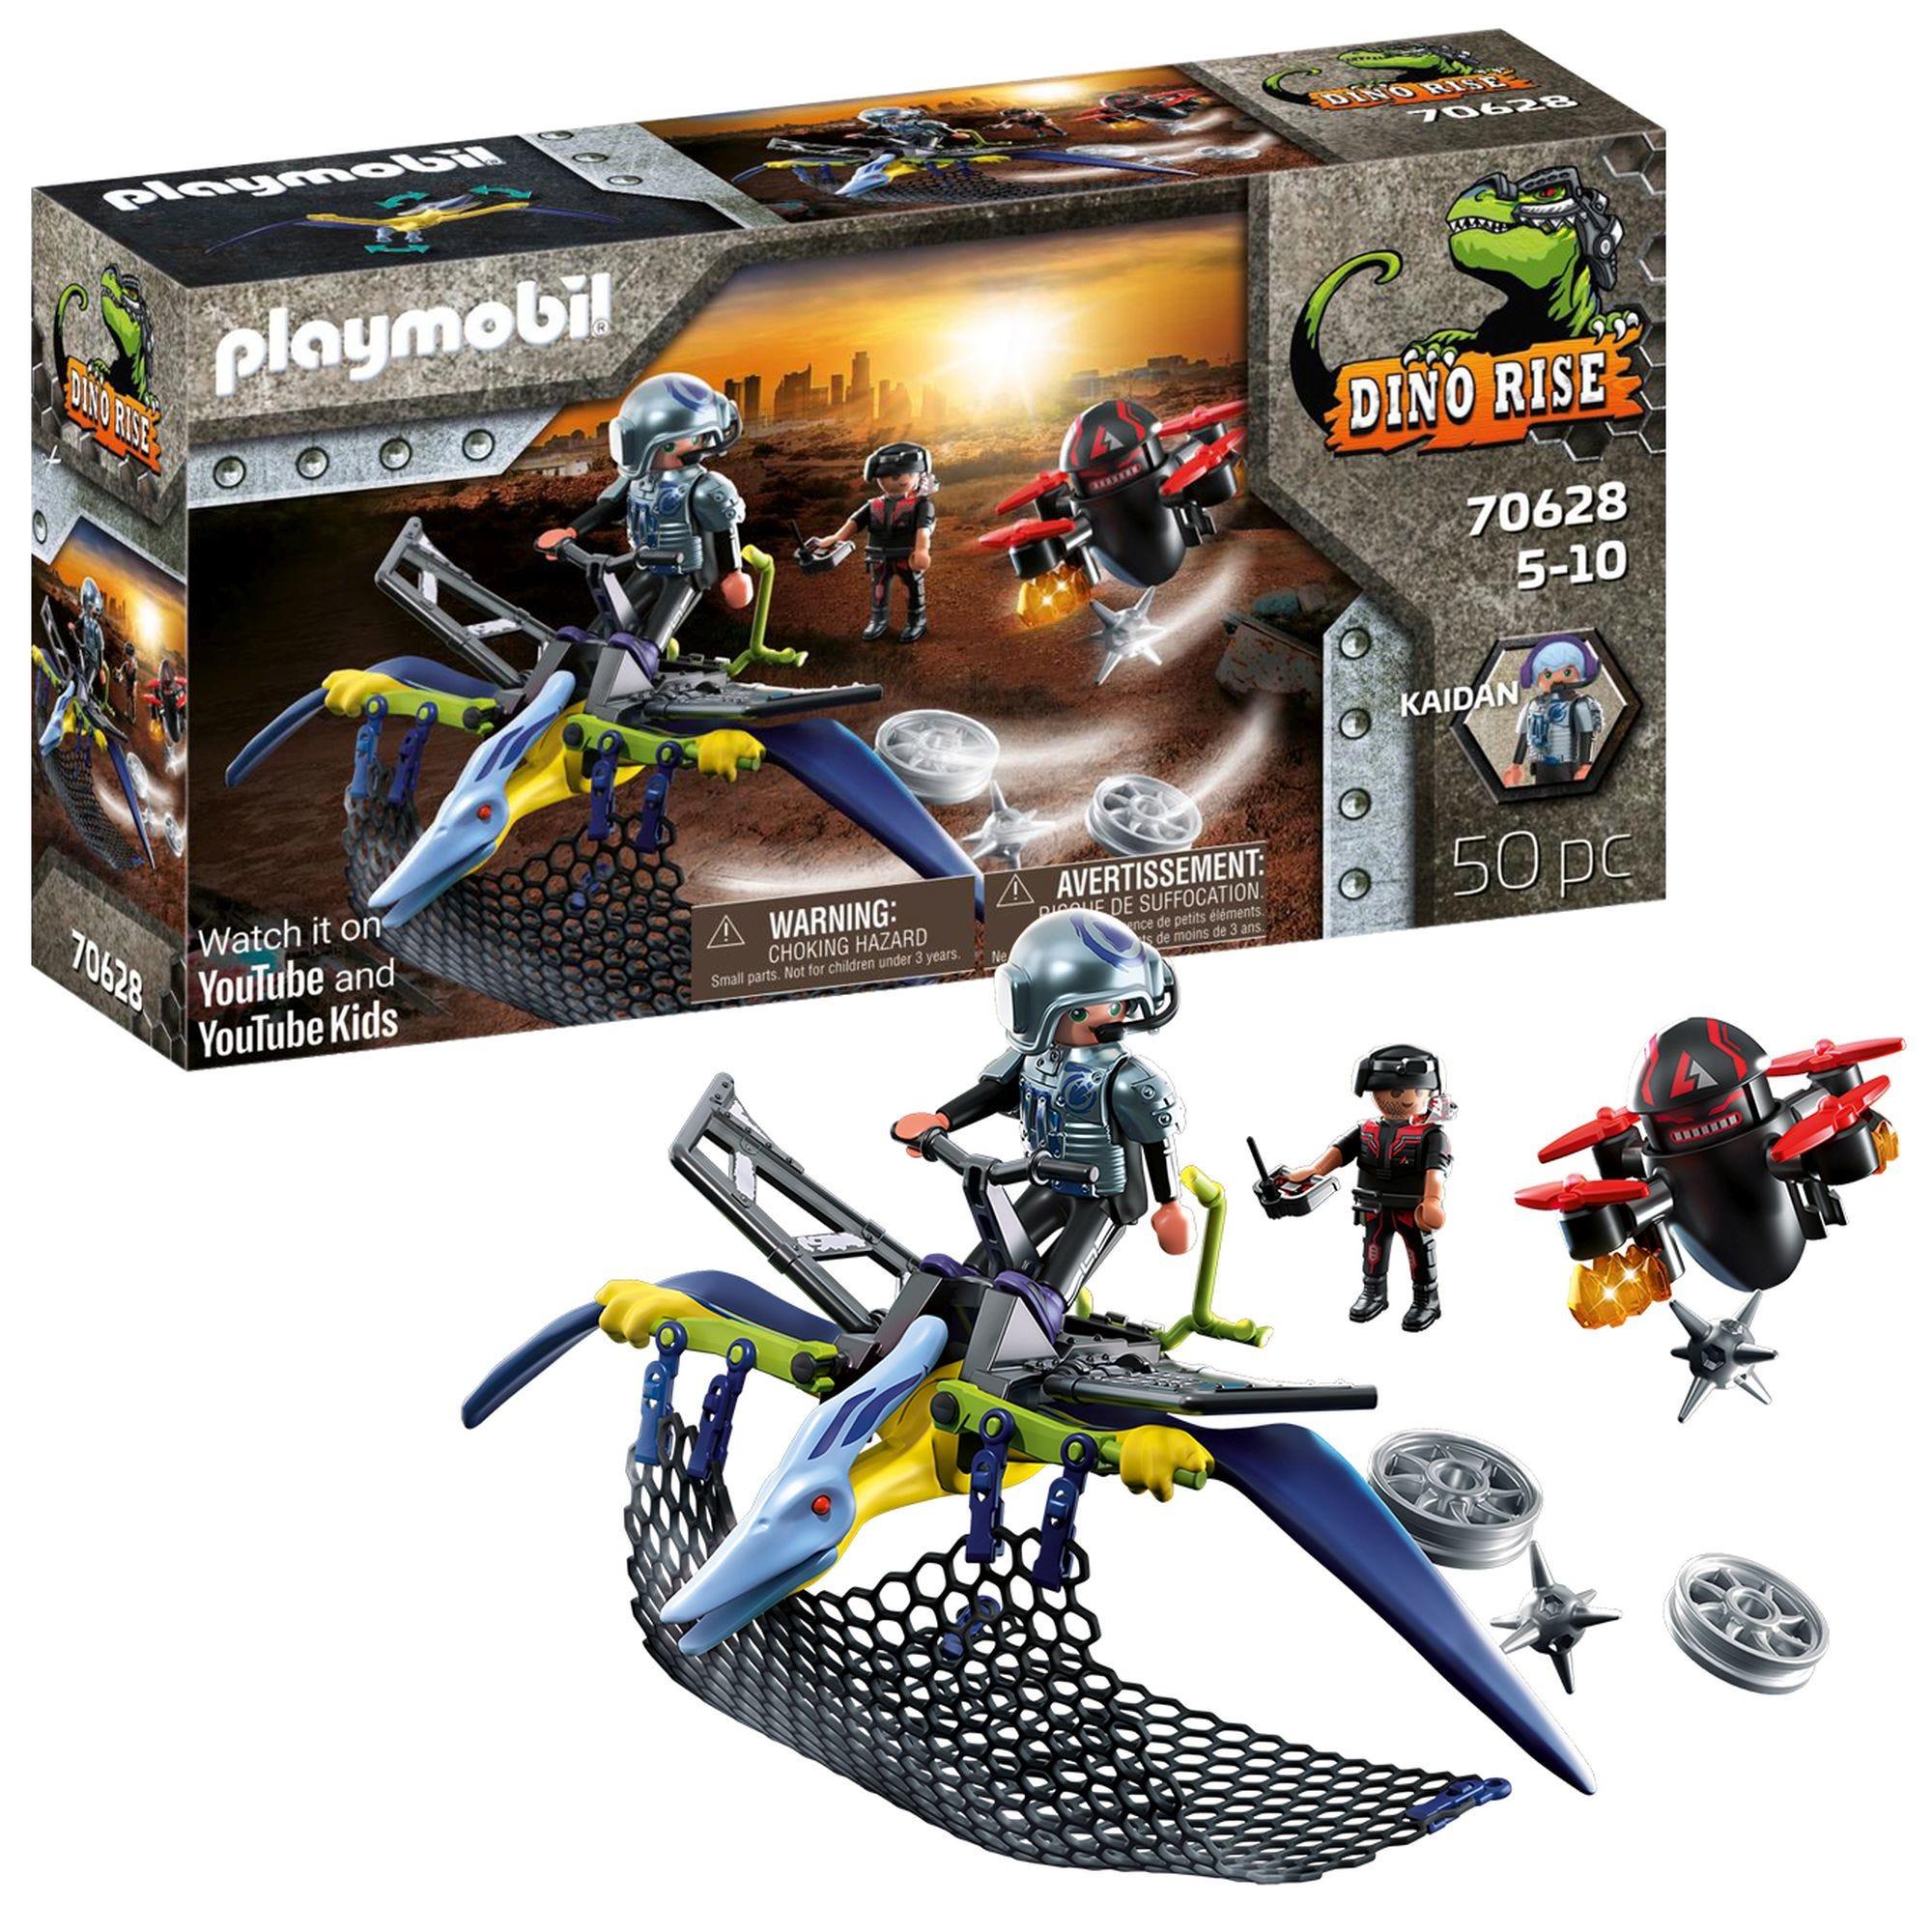 Playmobil 70628 Dino Rise Pteranodon: Drone Strike